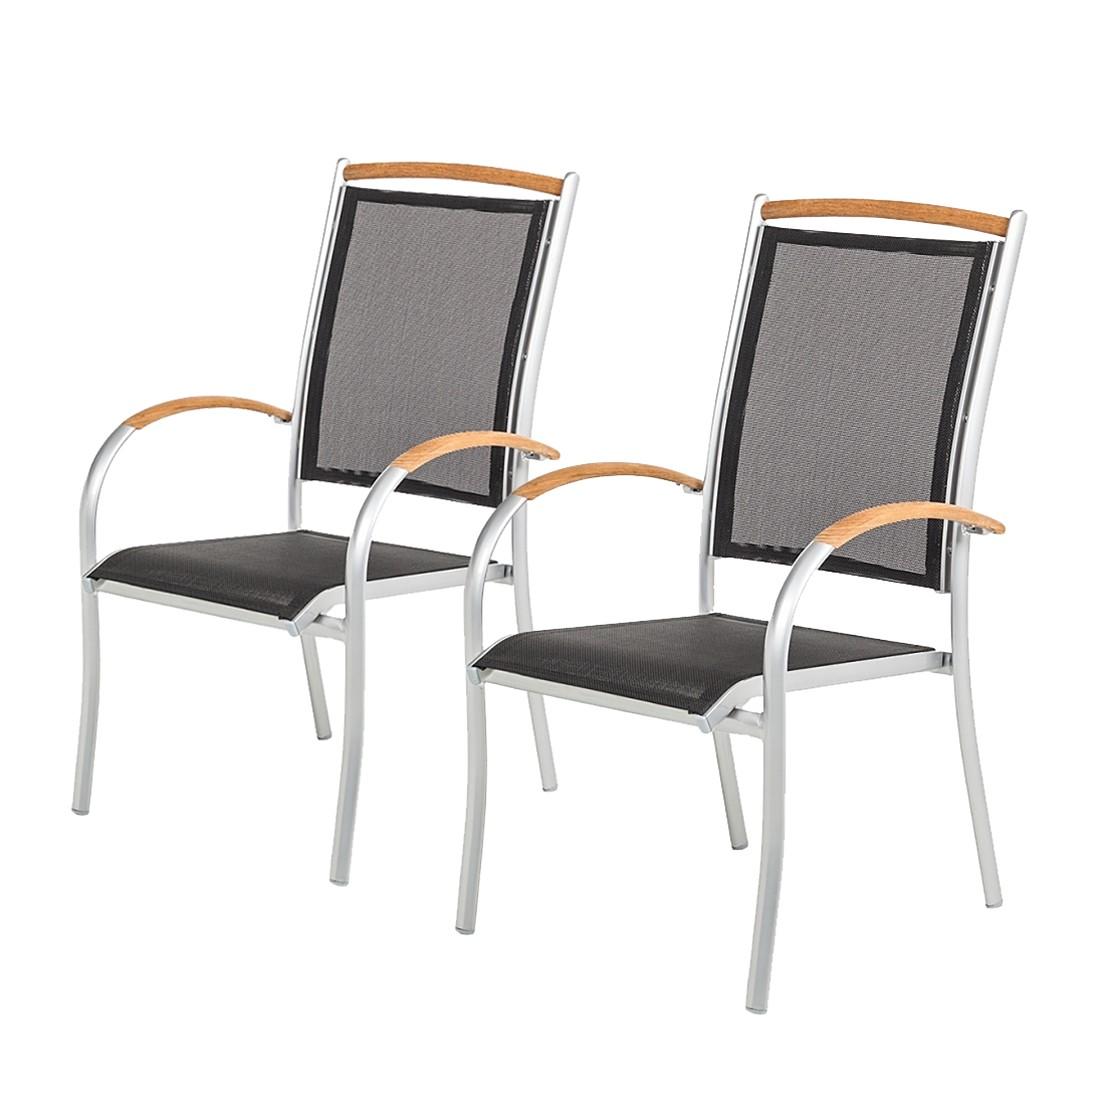 Home 24 - Chaise empilable varu (lot de 2) - aluminium argenté / textile noir, mehr garten